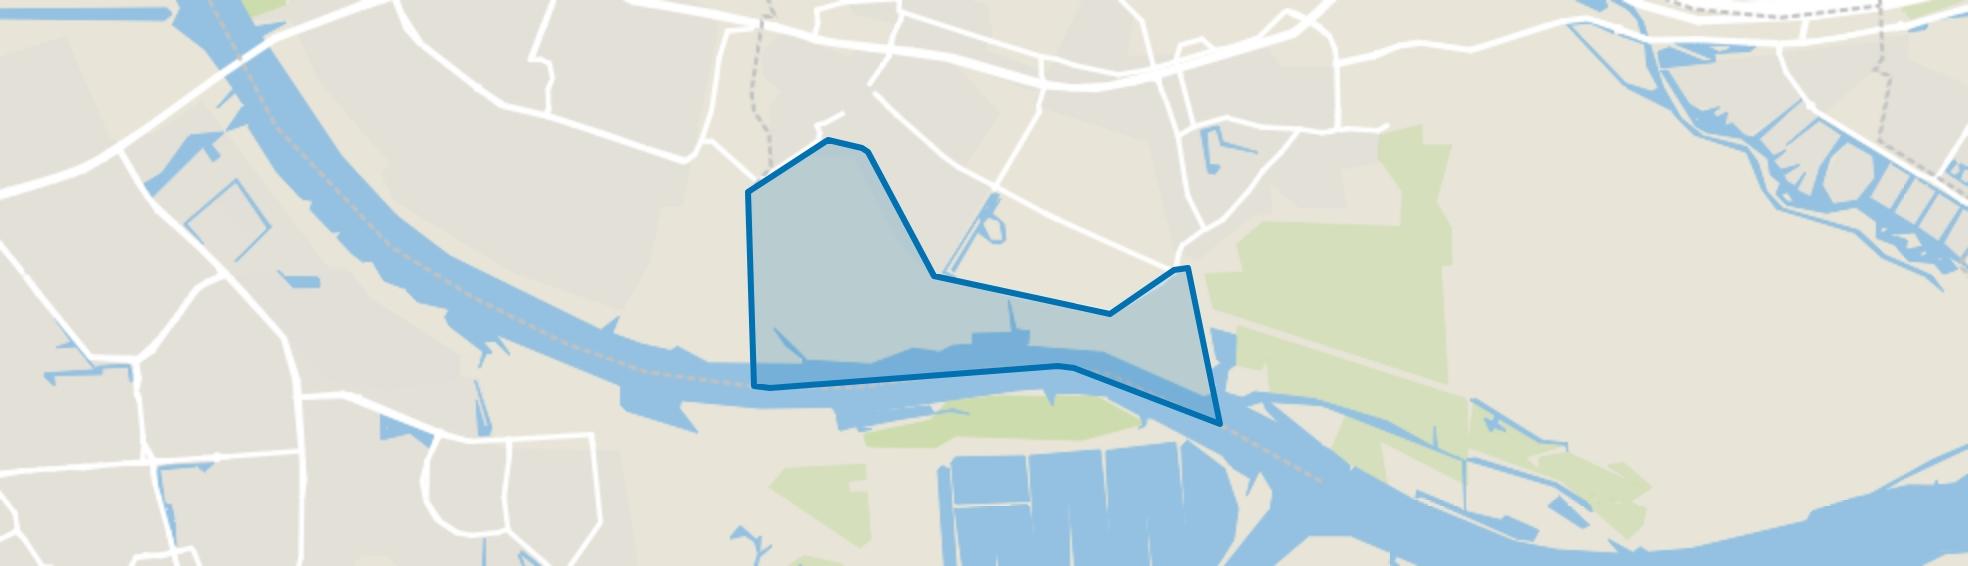 Polder Albrandswaard, Poortugaal map